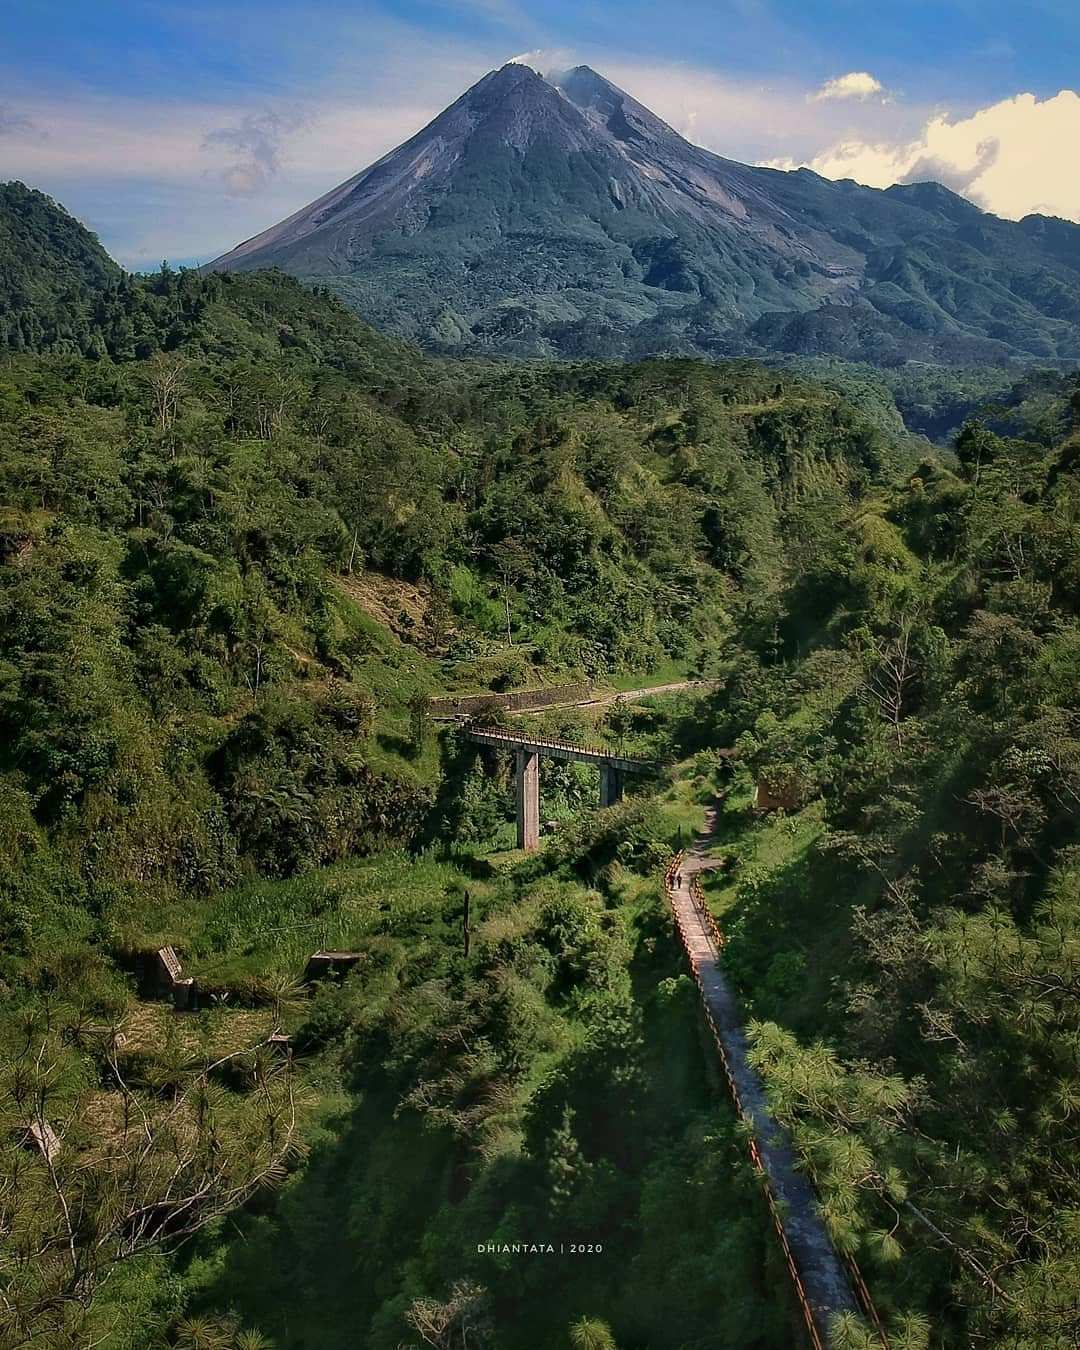 Pemandangan Gunung Merapi Dari Lokasi Plunyon Kalikuning Image From @dhian_hardjodisastro